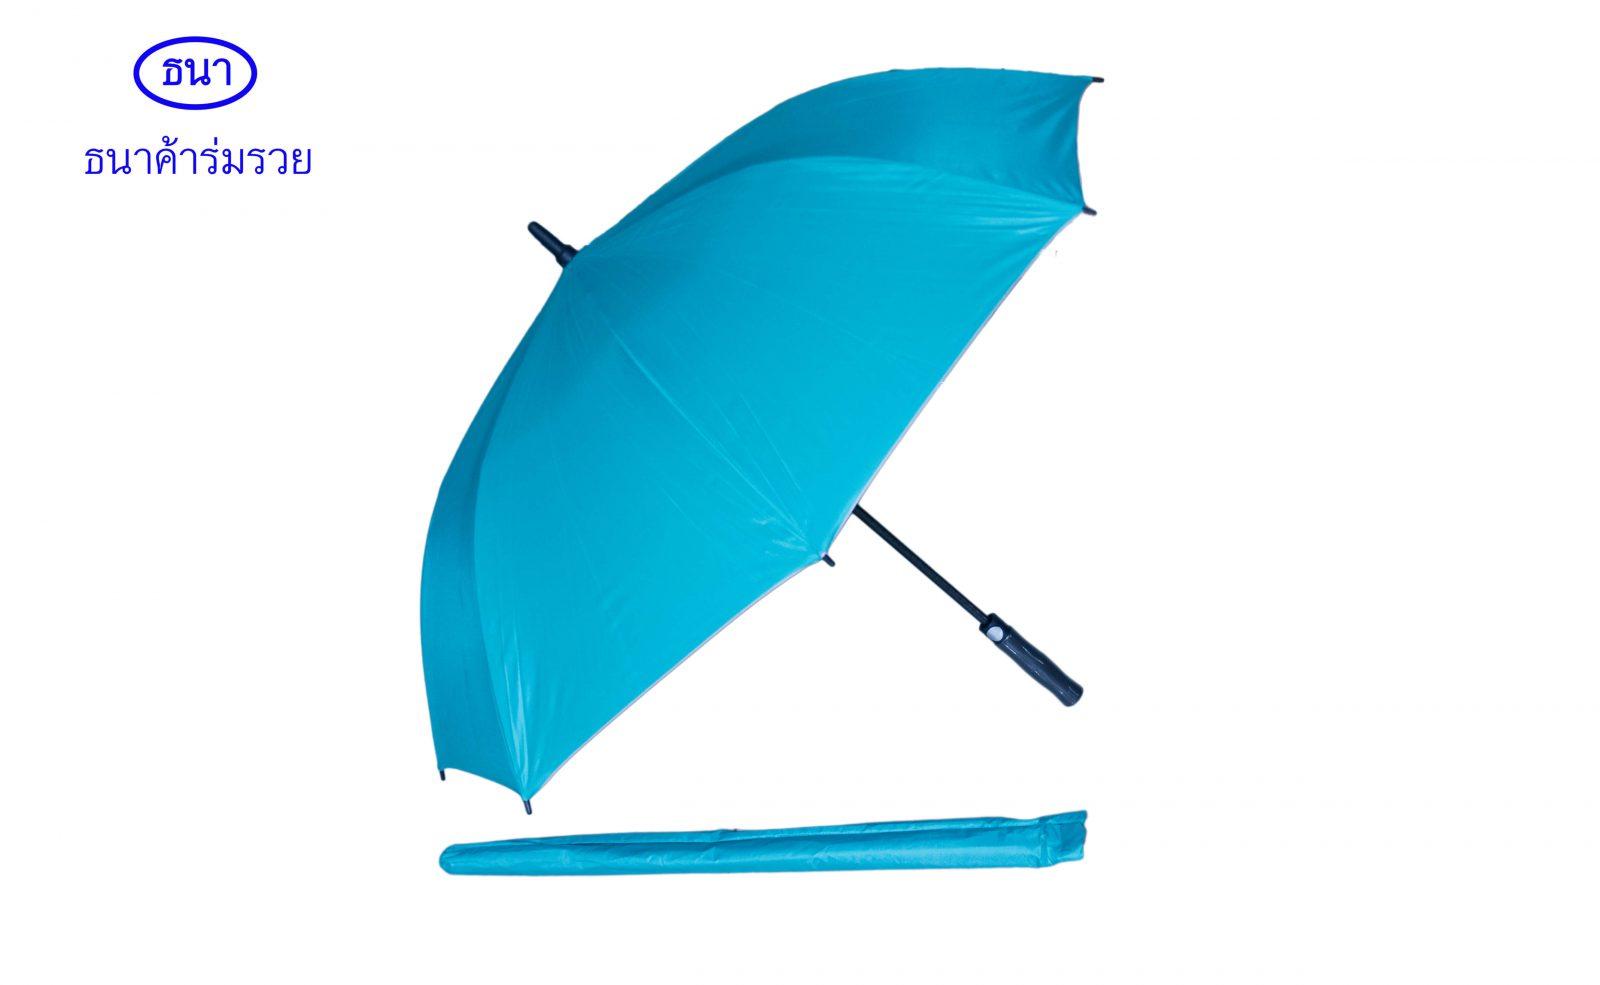 ร่มกอล์ฟ 30 นิ้ว ขายร่มกอล์ฟที่มีคุณภาพสูง